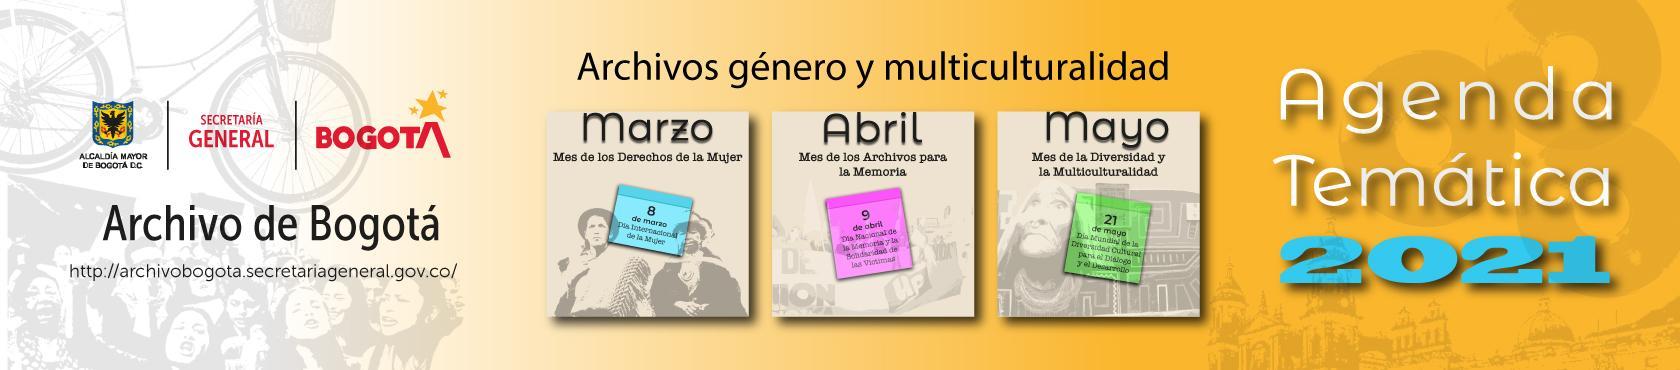 Agenda temática marzo, abril y mayo